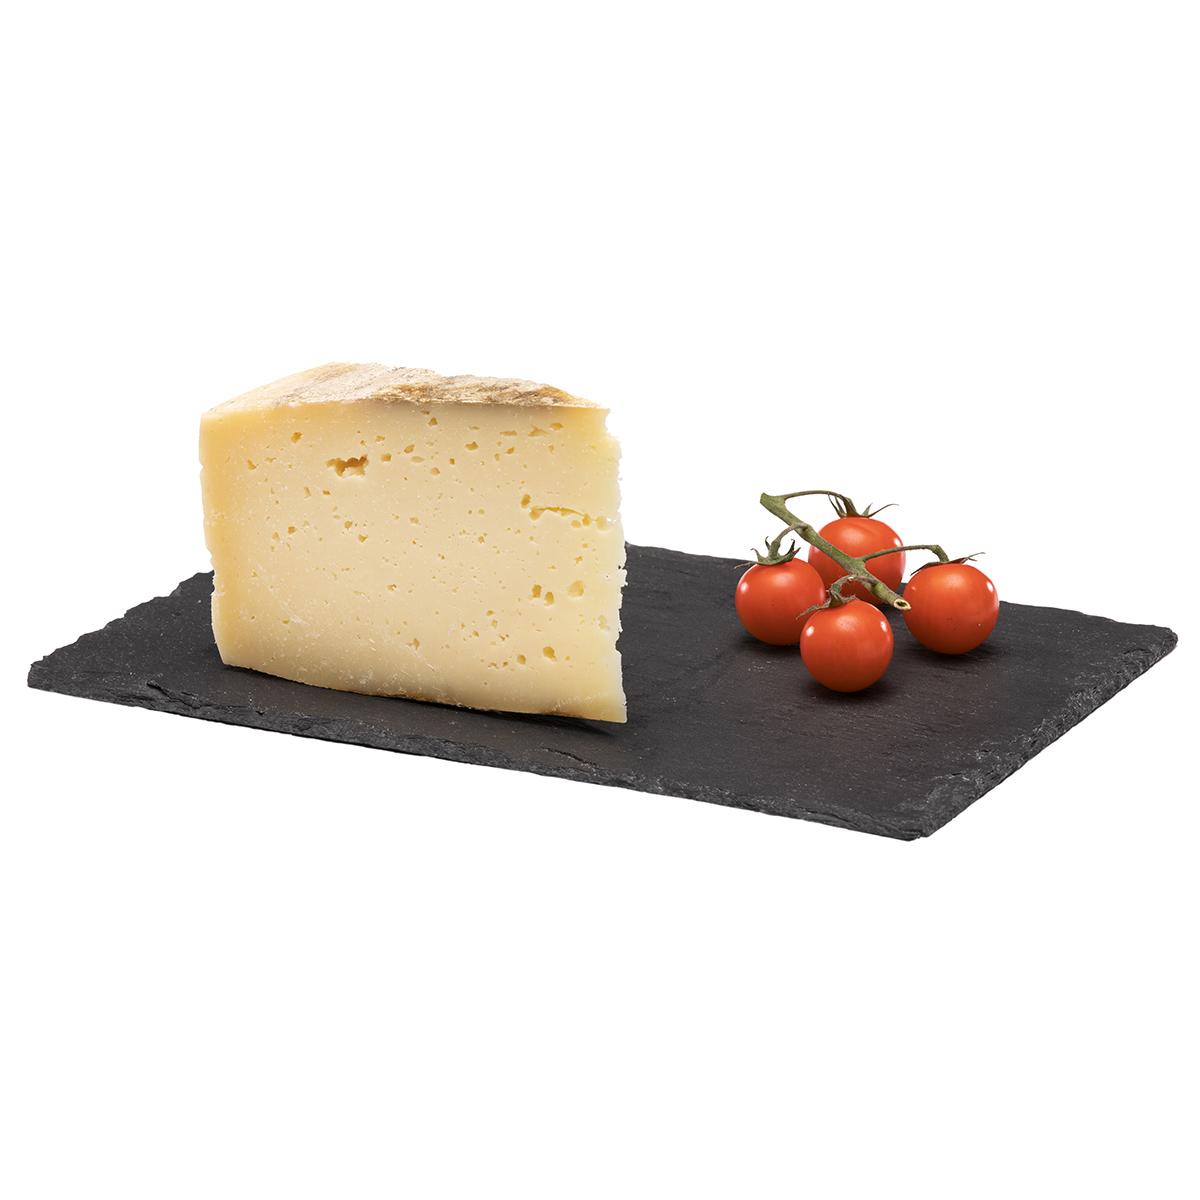 Montasio DOP Senza Lattosio formaggio italiano in vendita online